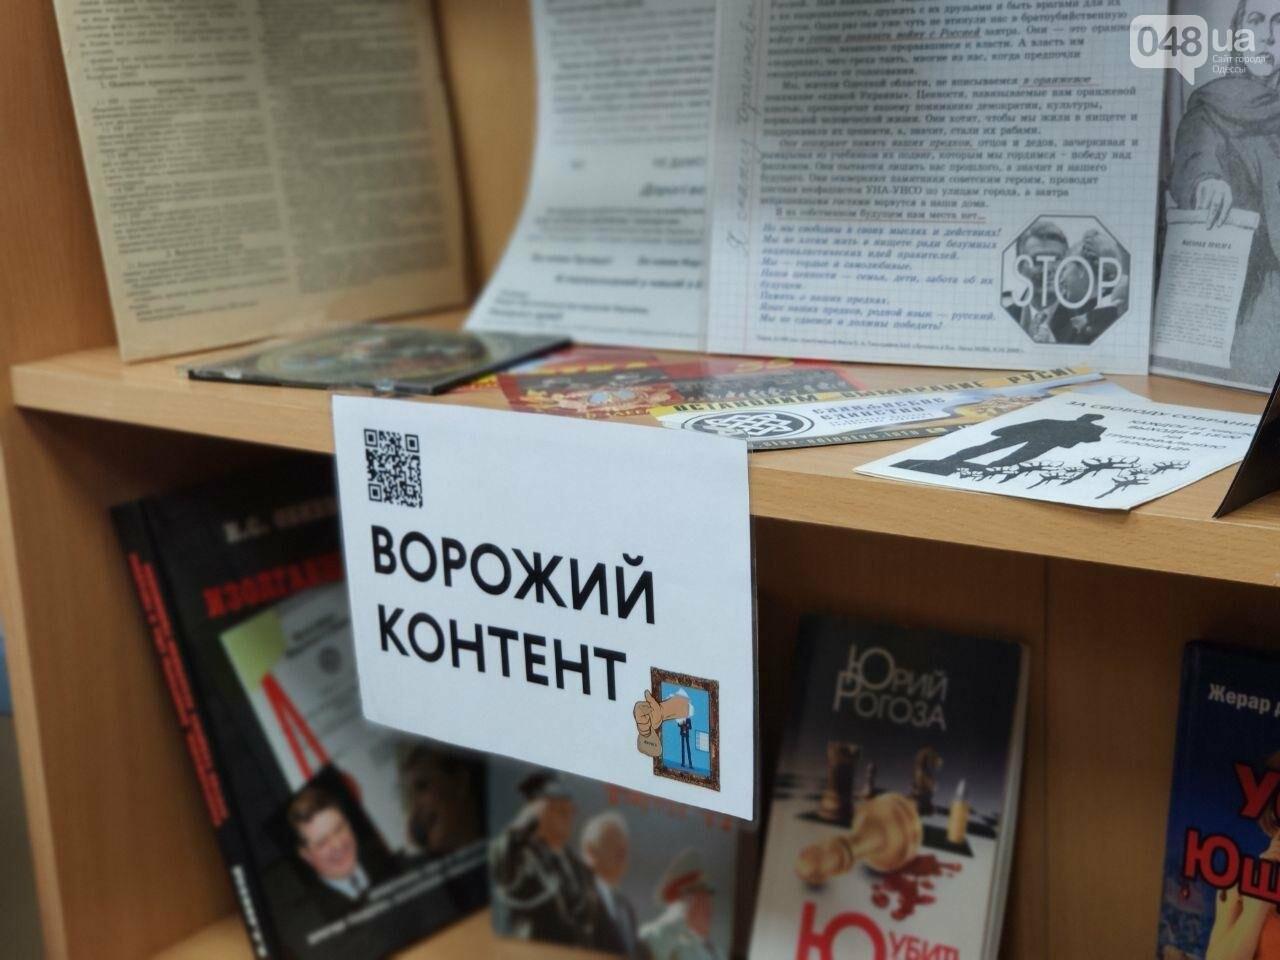 Гречка и секонд-хенд от кандидата: что посмотреть в новом музее выборов в Одессе, - ФОТОРЕПОРТАЖ, фото-13